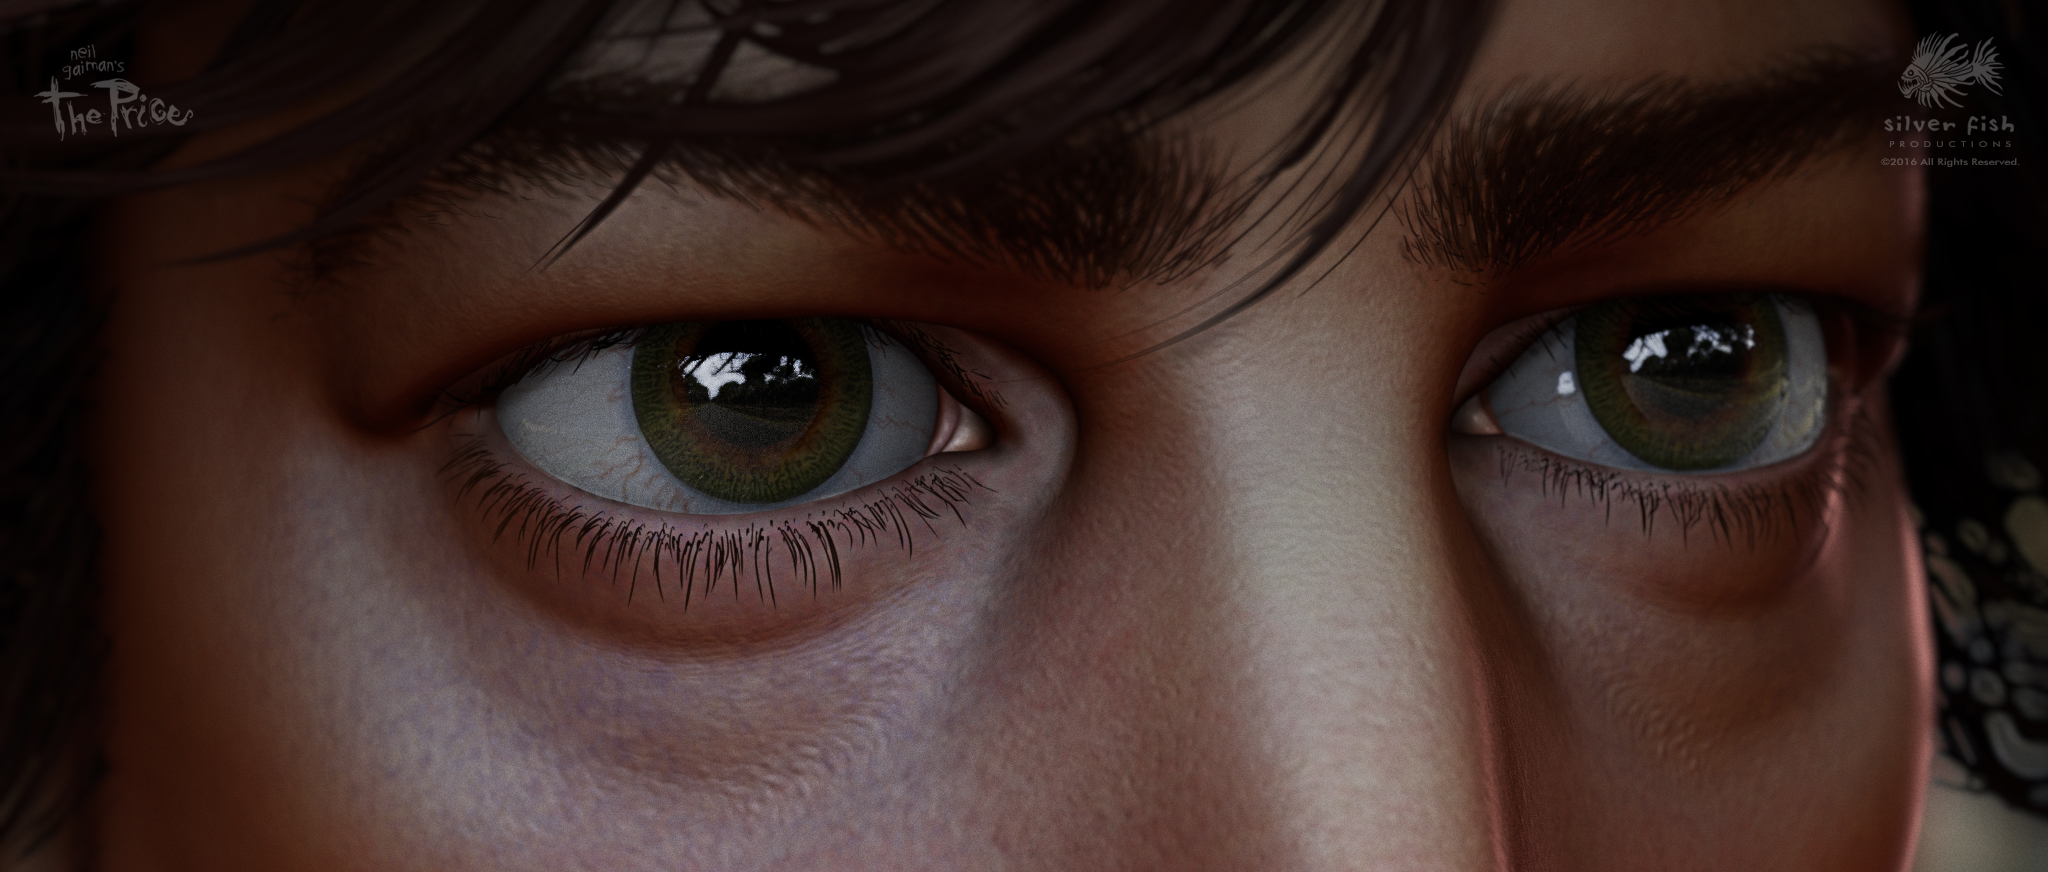 NRG_Eyes_01